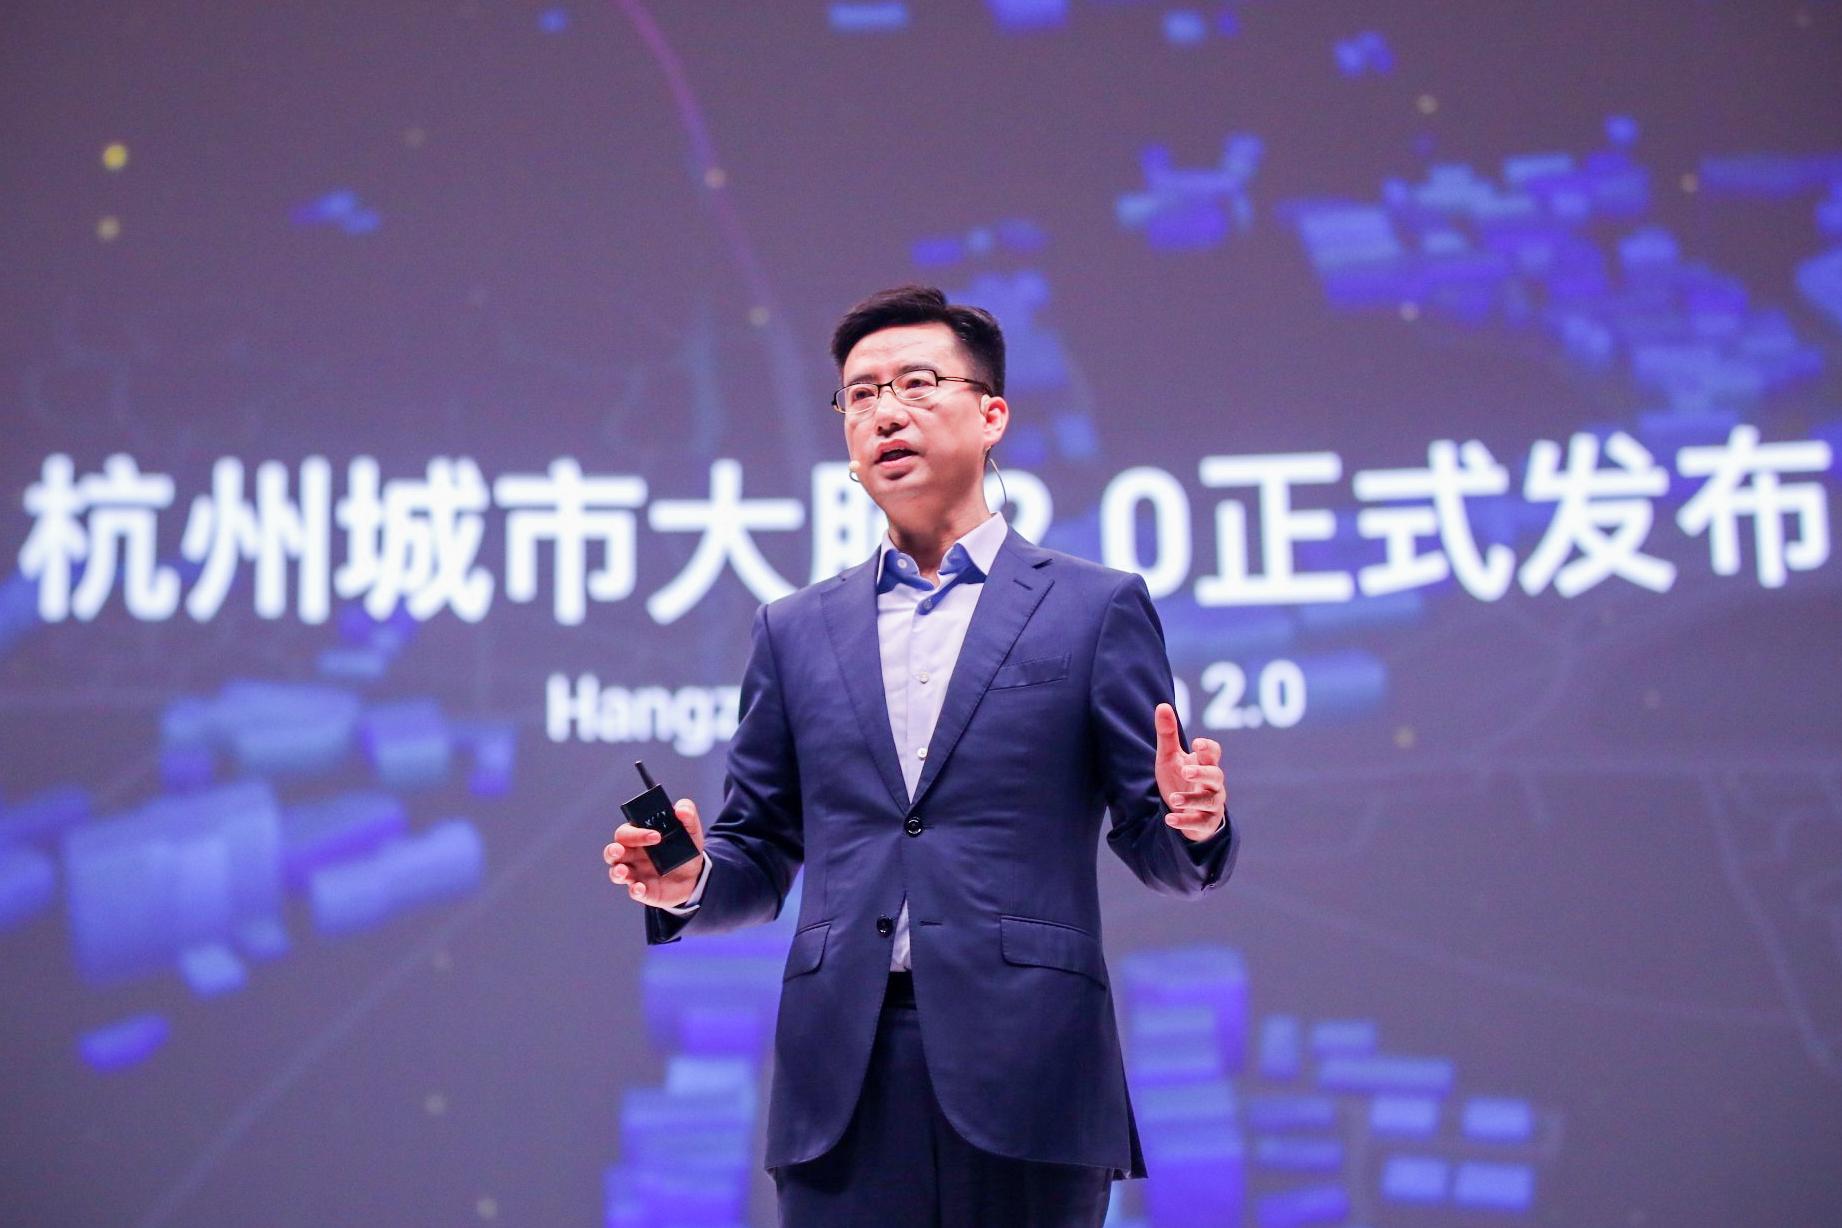 阿里云胡晓明:这些新杭州故事,只是刚刚开始